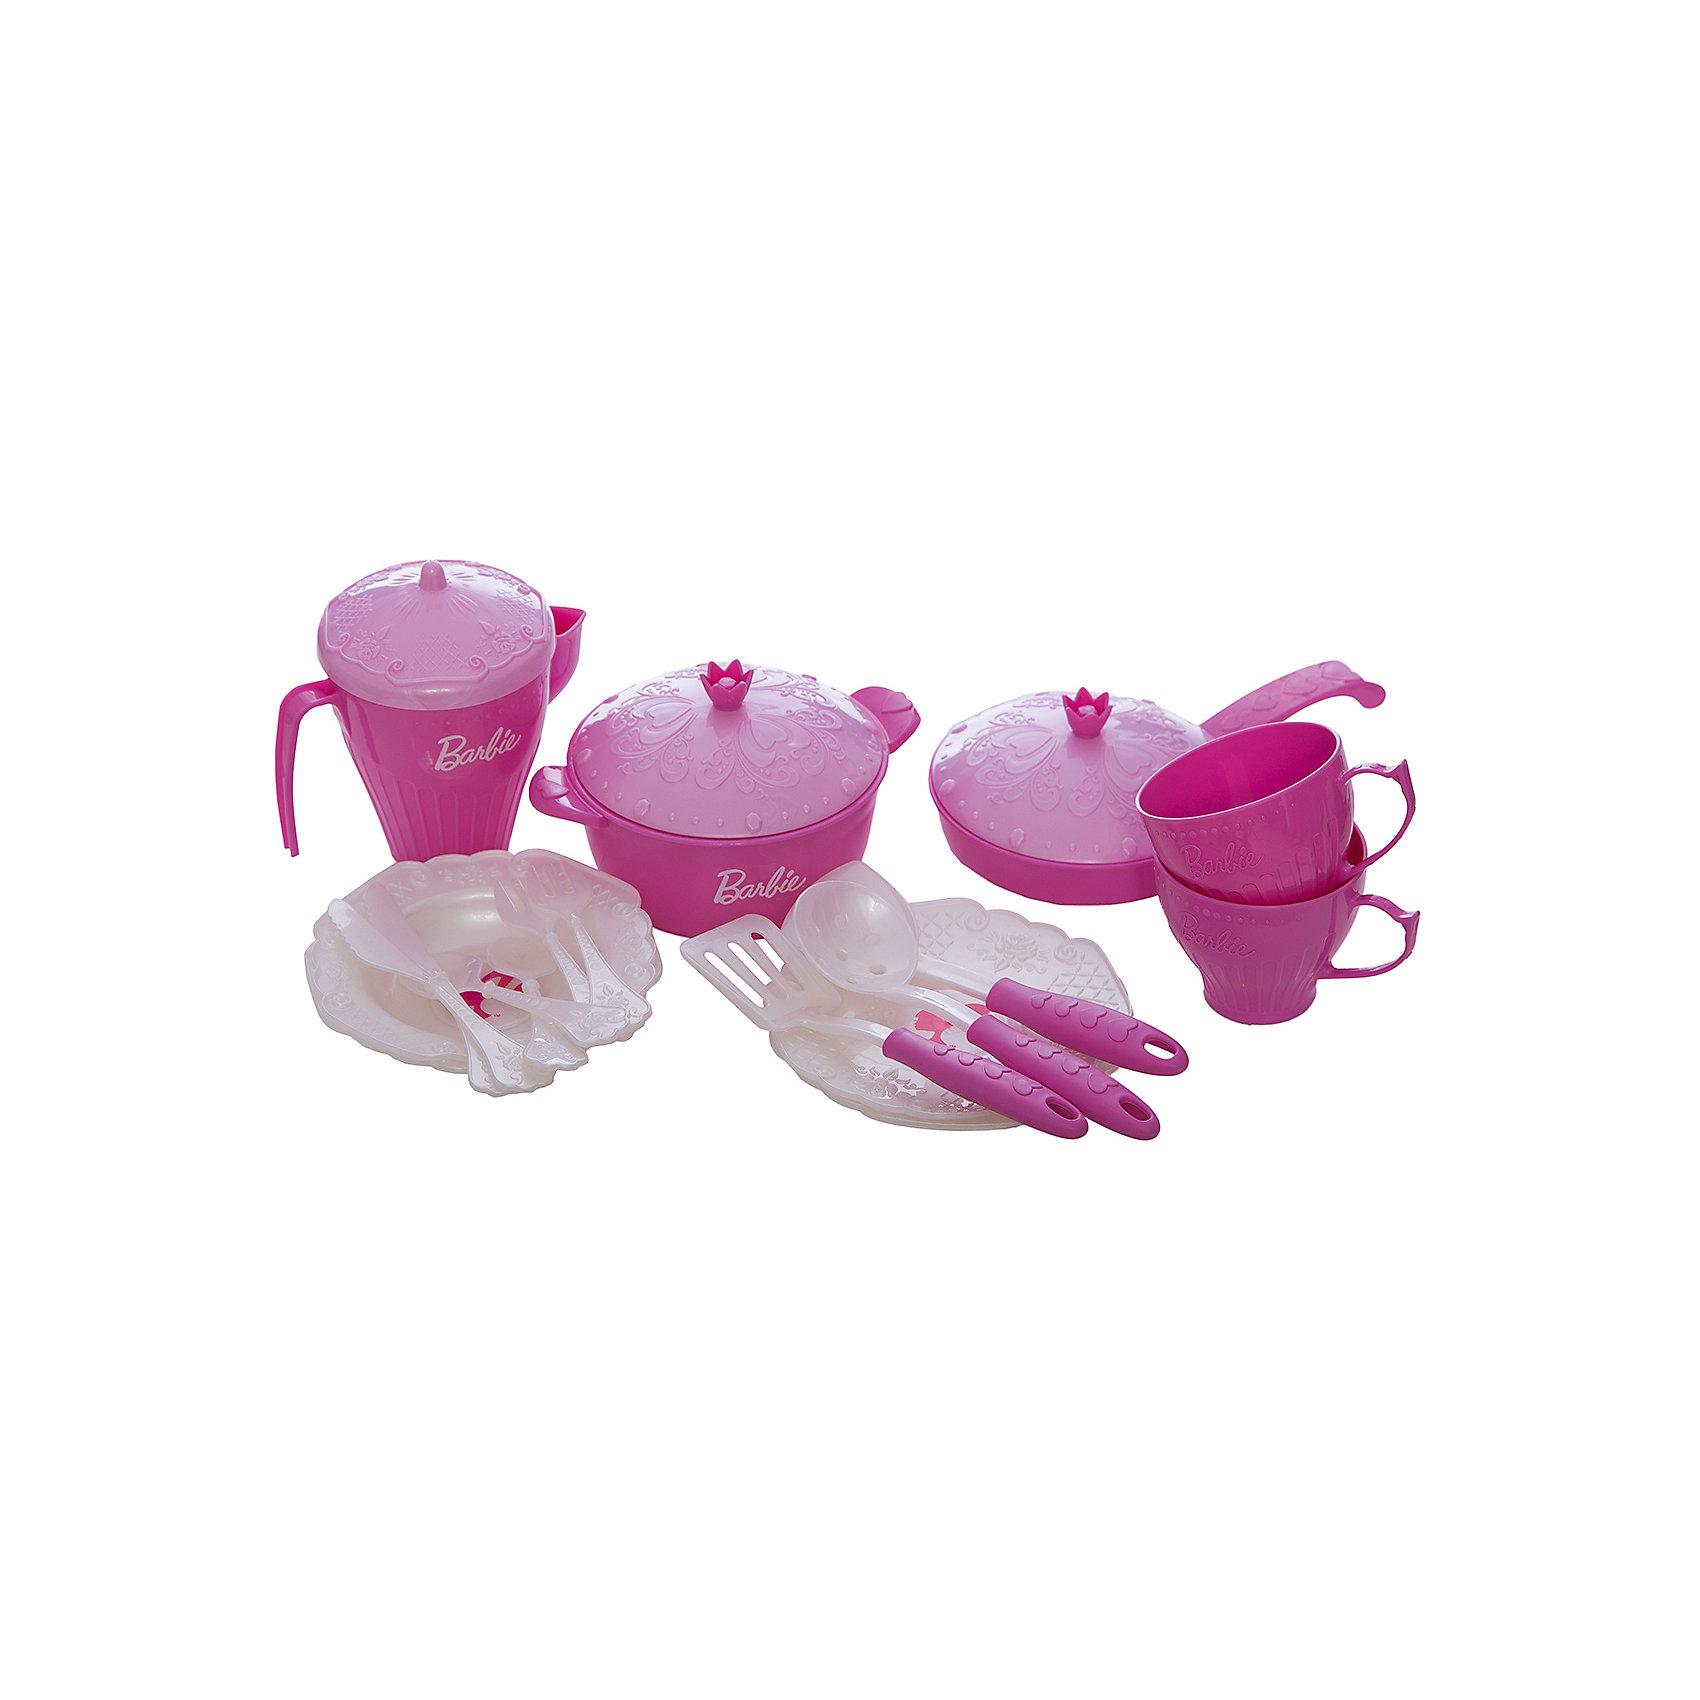 Нордпласт Набор кухонной и чайной посудки Барби (21 предмет), Нордпласт нордпласт набор кухонной посудки 15 предм барби нордпласт